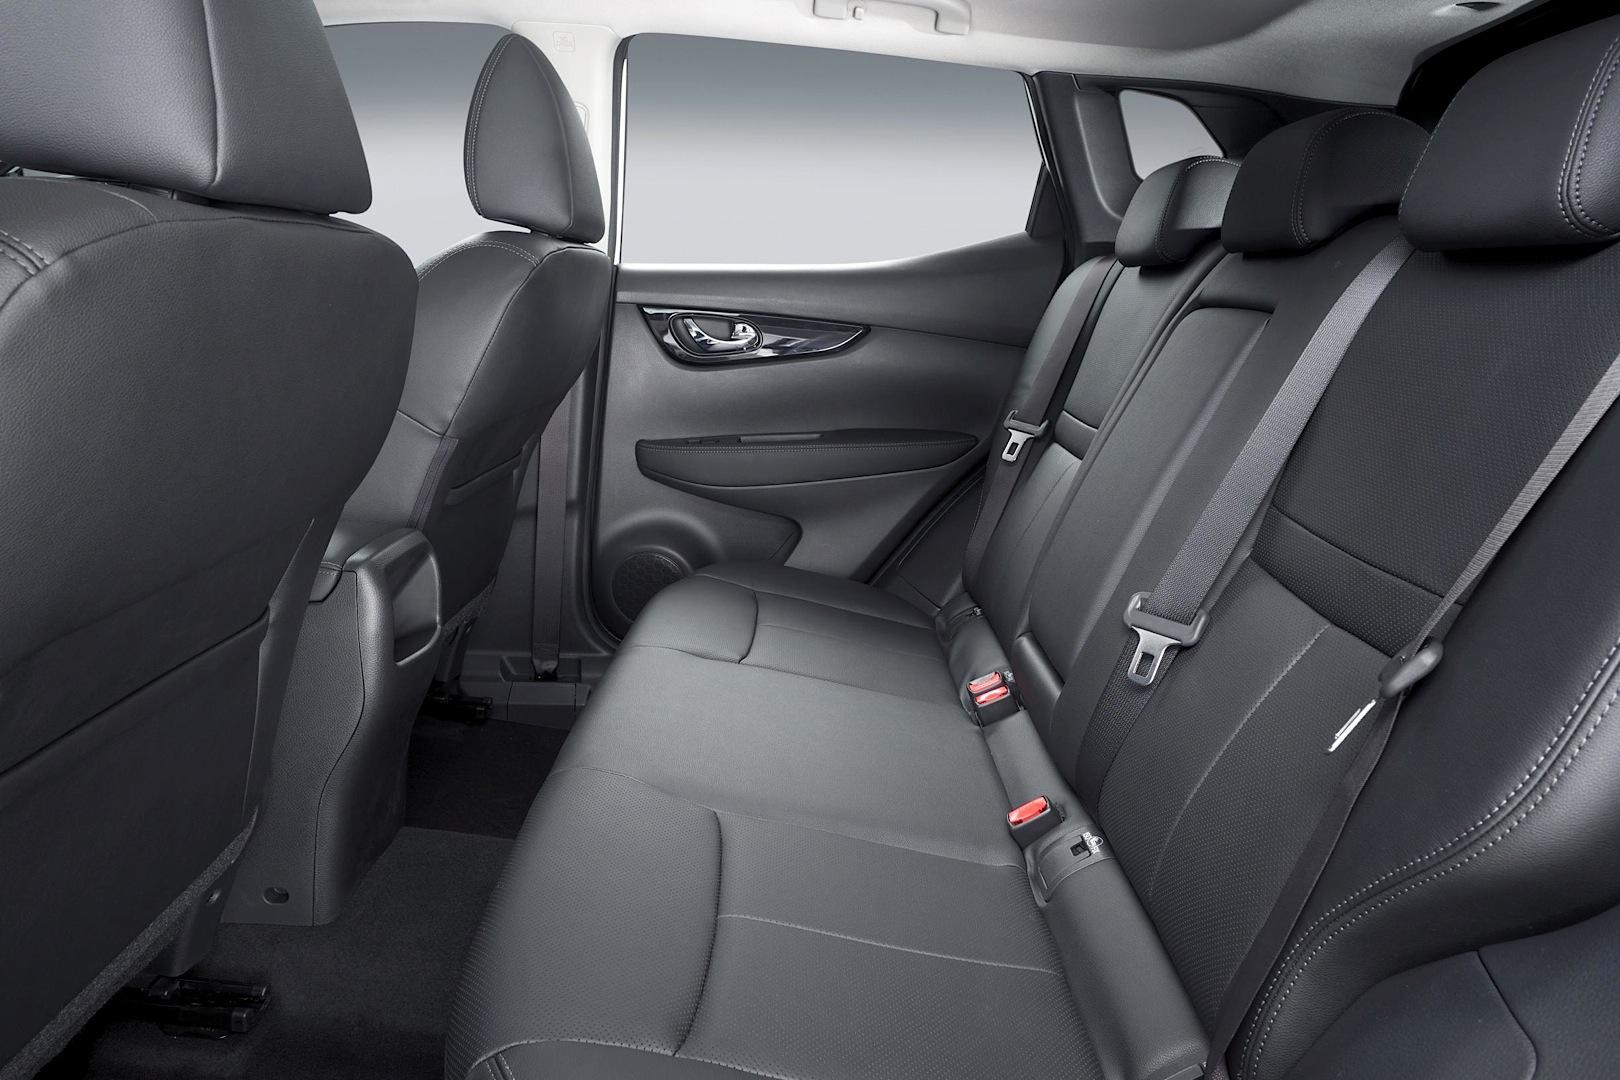 Nissan-Qashqai-2014-30.jpg